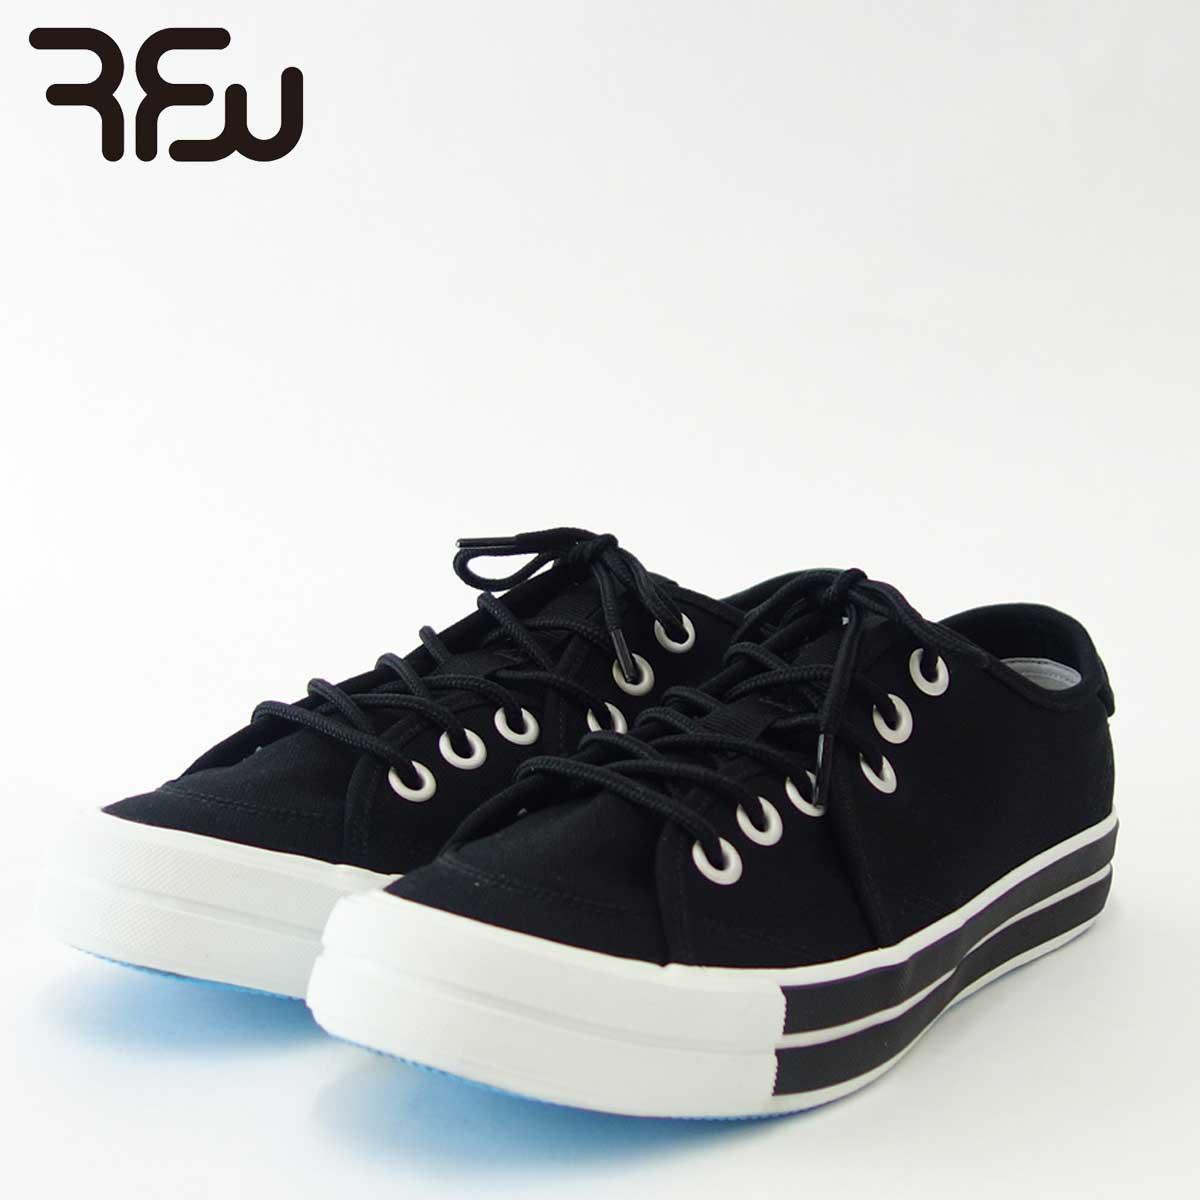 RFW アールエフダブリュー BAGEL-LO STANDARD(ユニセックス)1812011 カラー:ブラック キャンバスのローカットスニーカー 「靴」